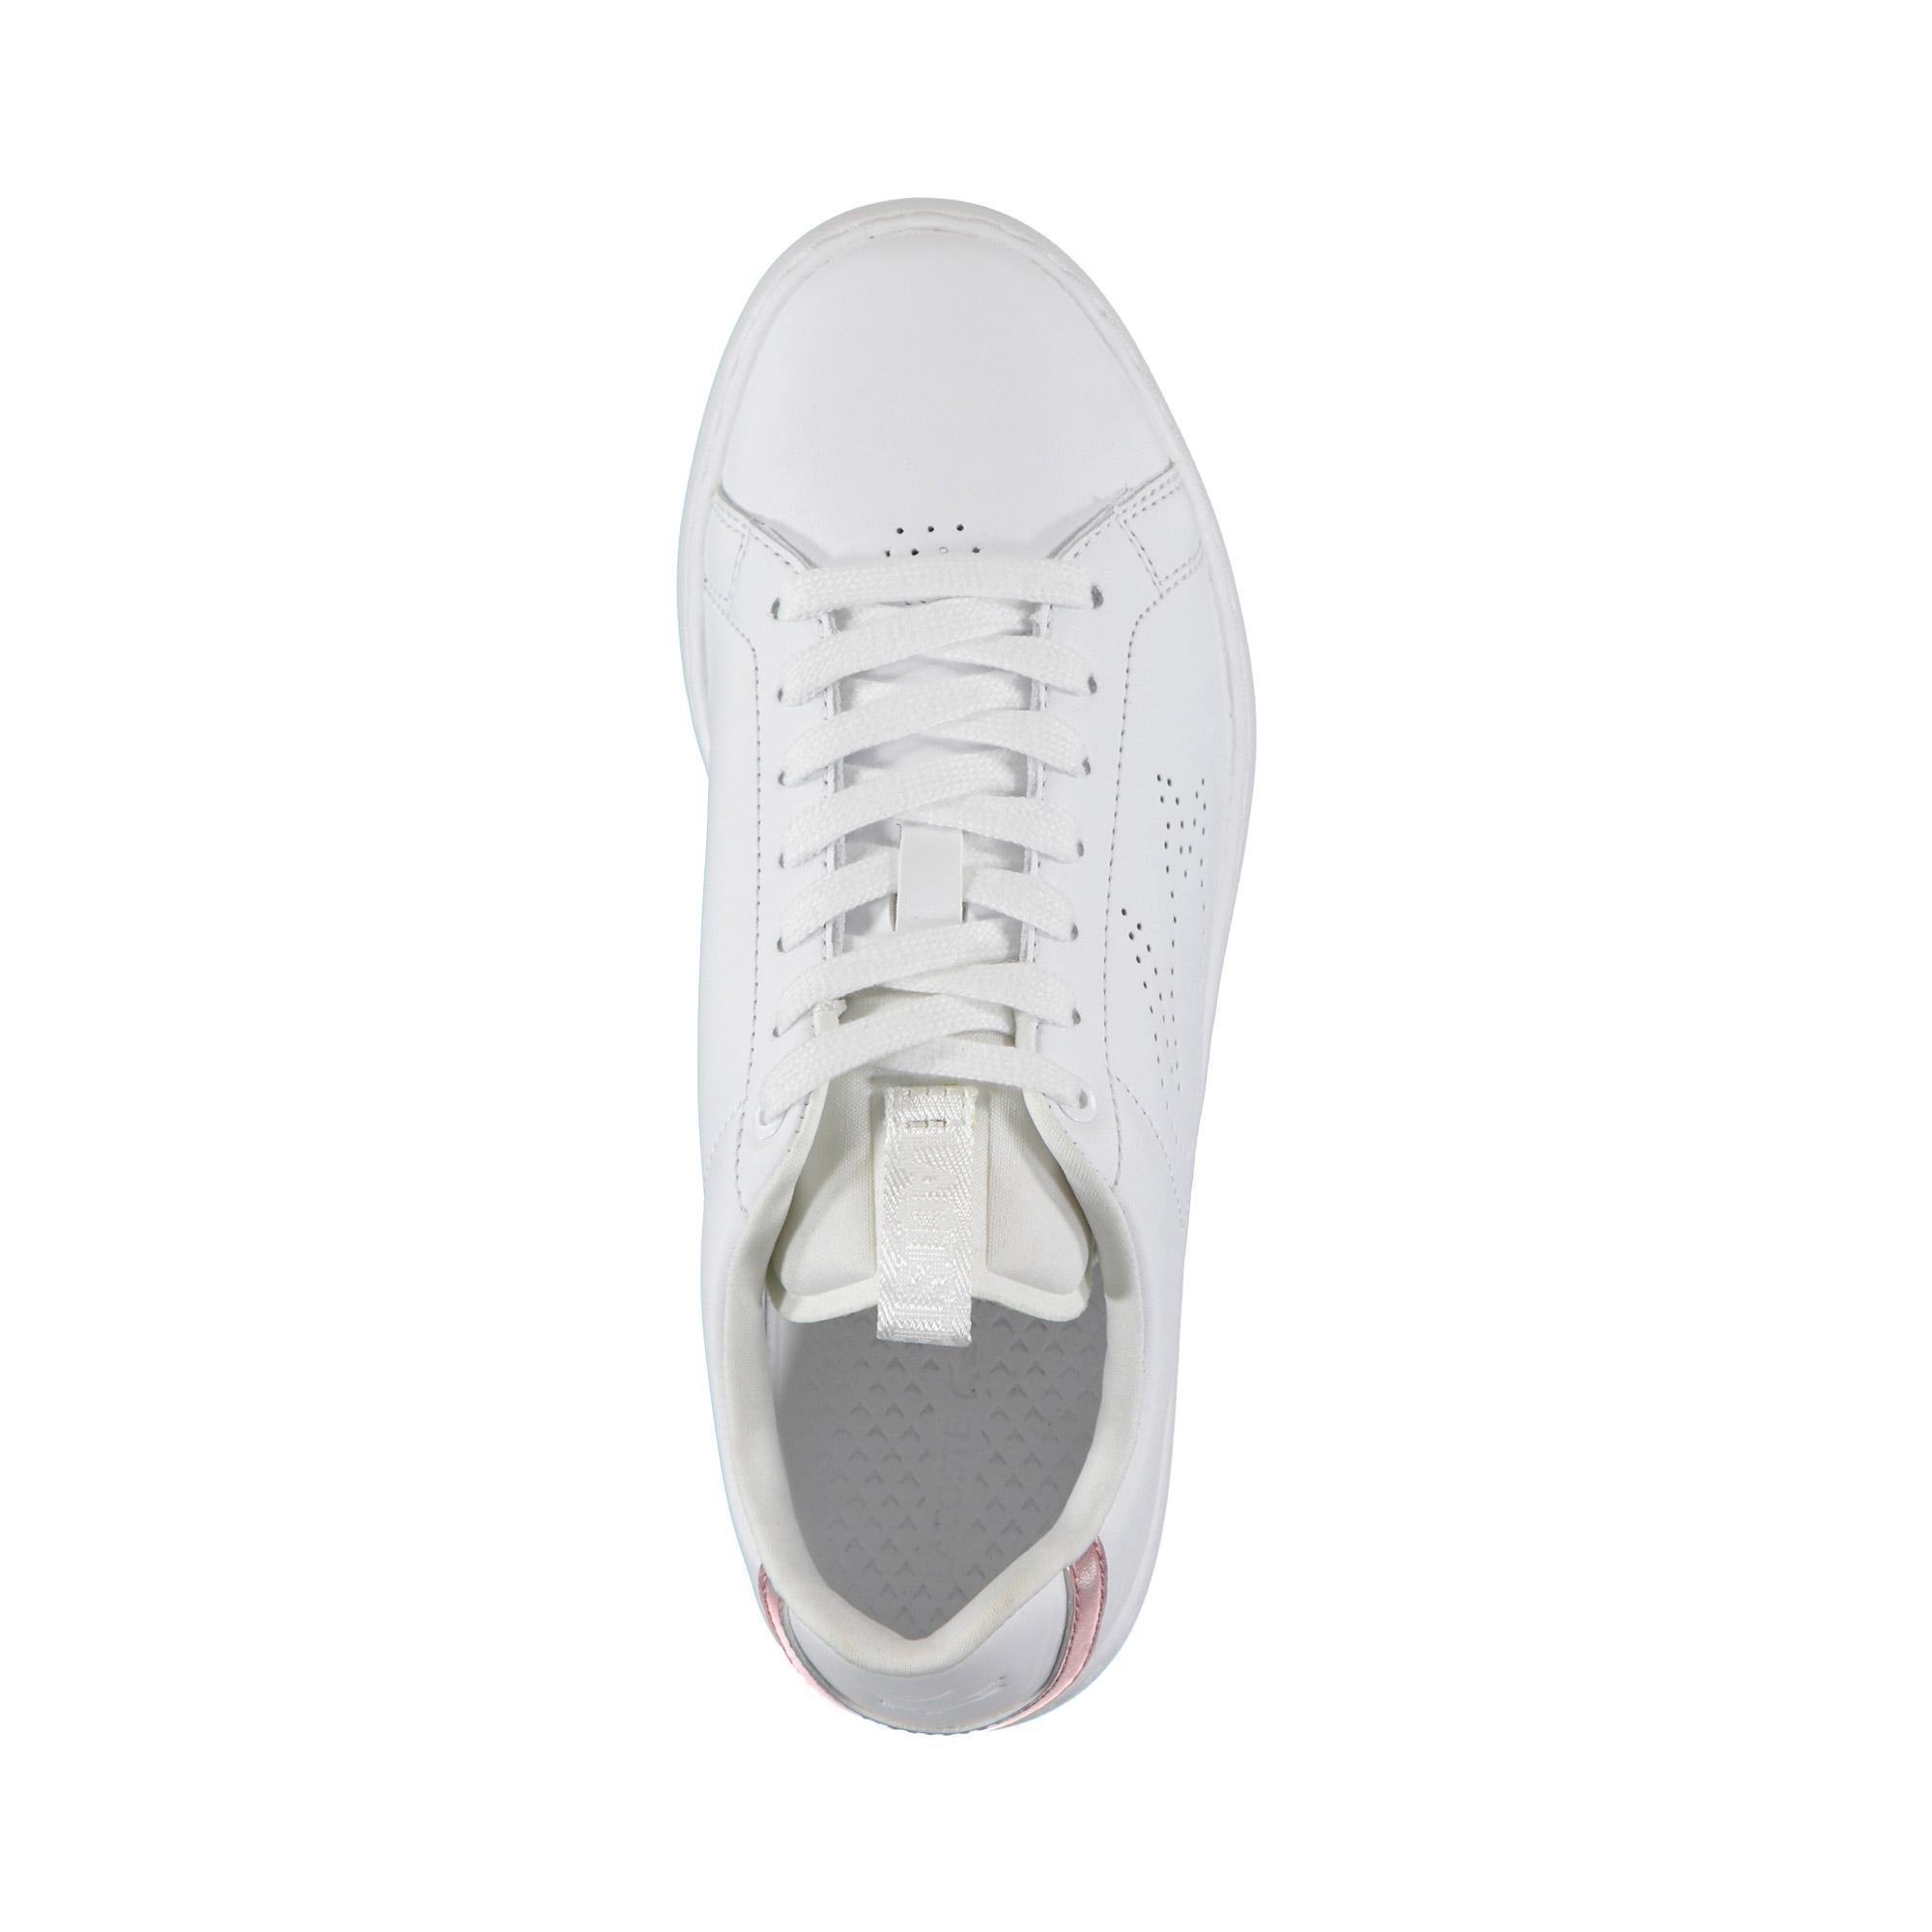 Lacoste Kadın Beyaz - Açık Pembe Carnaby Evo Light-Wt 1193 Sneaker